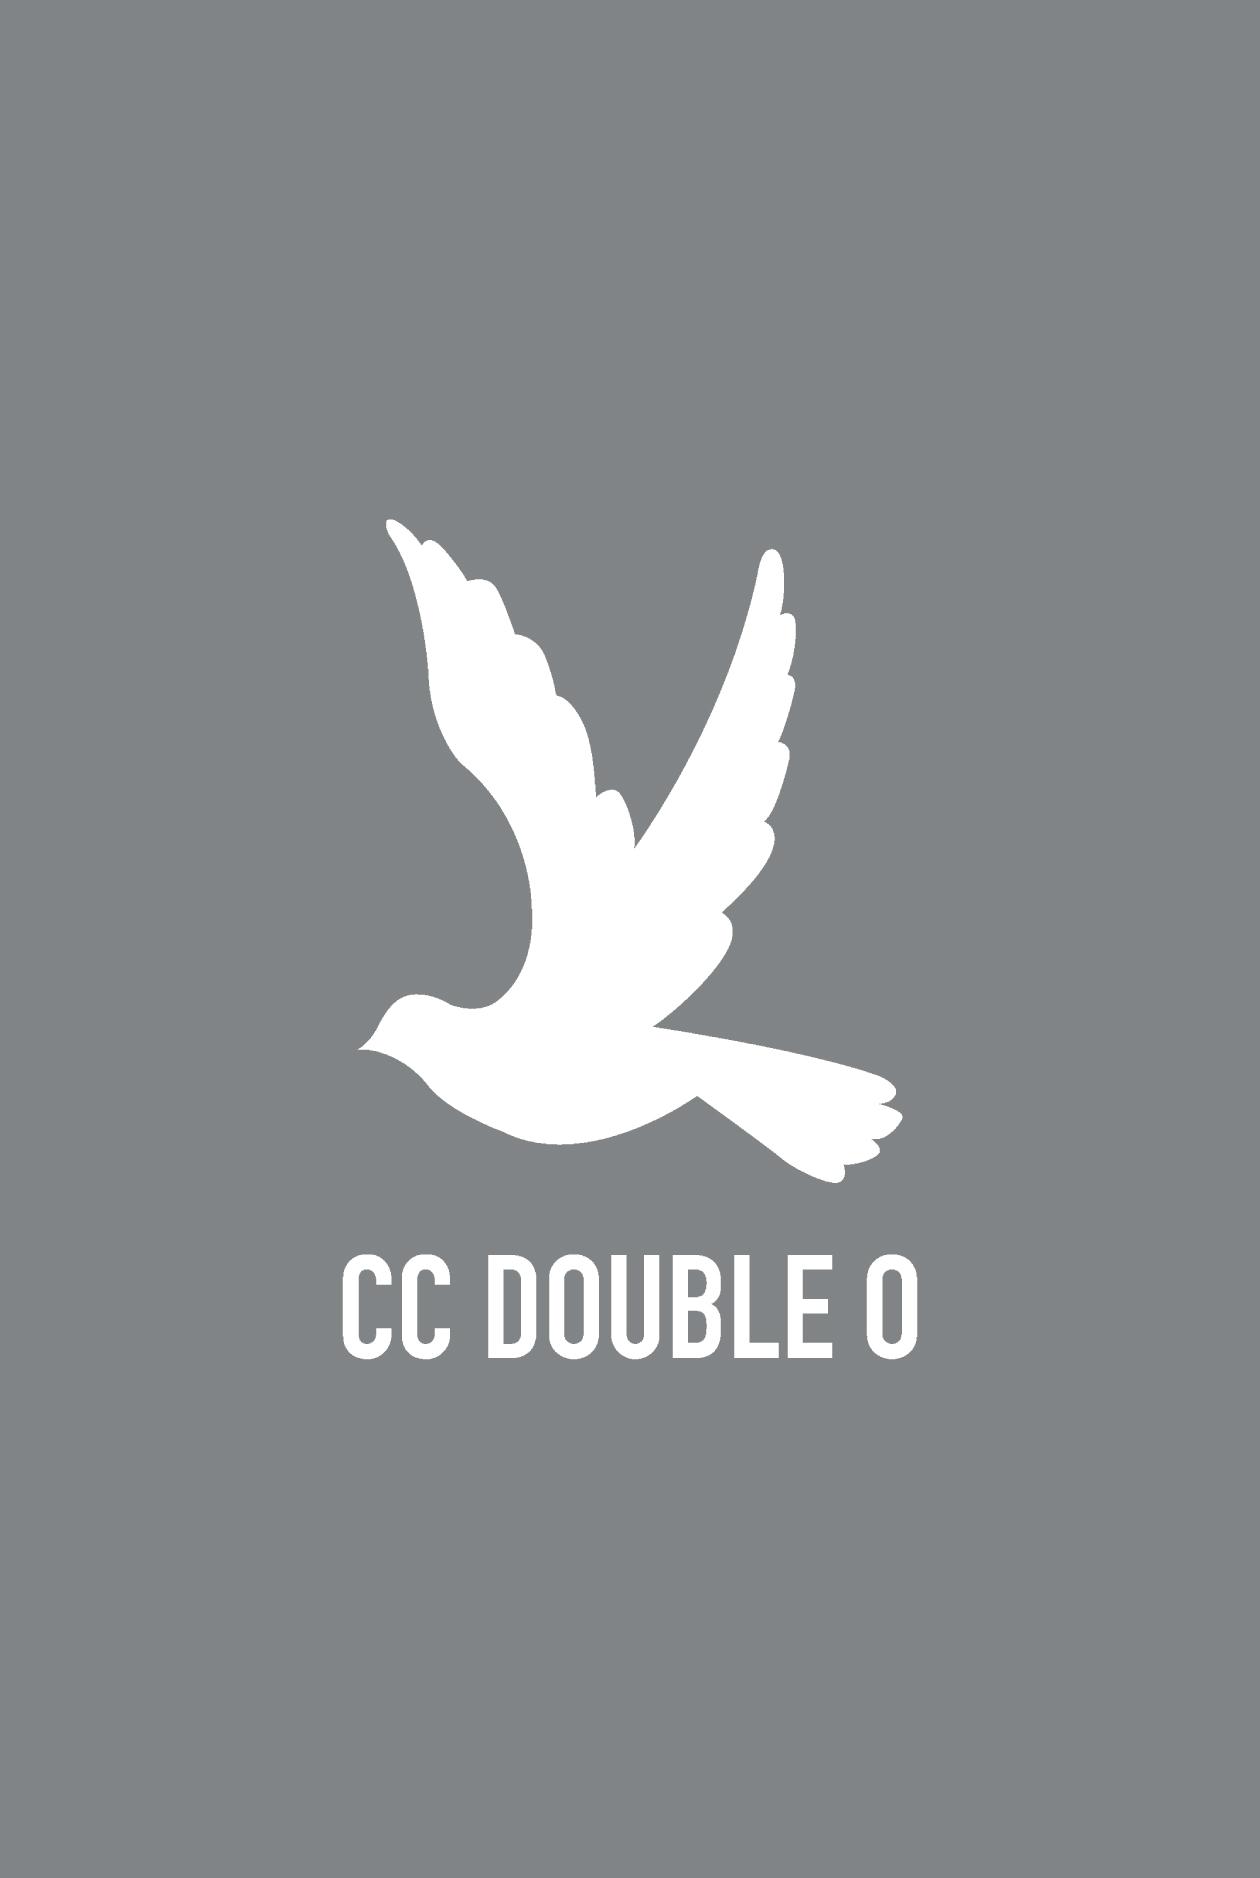 CC DOUBLE O Union Jack Polo